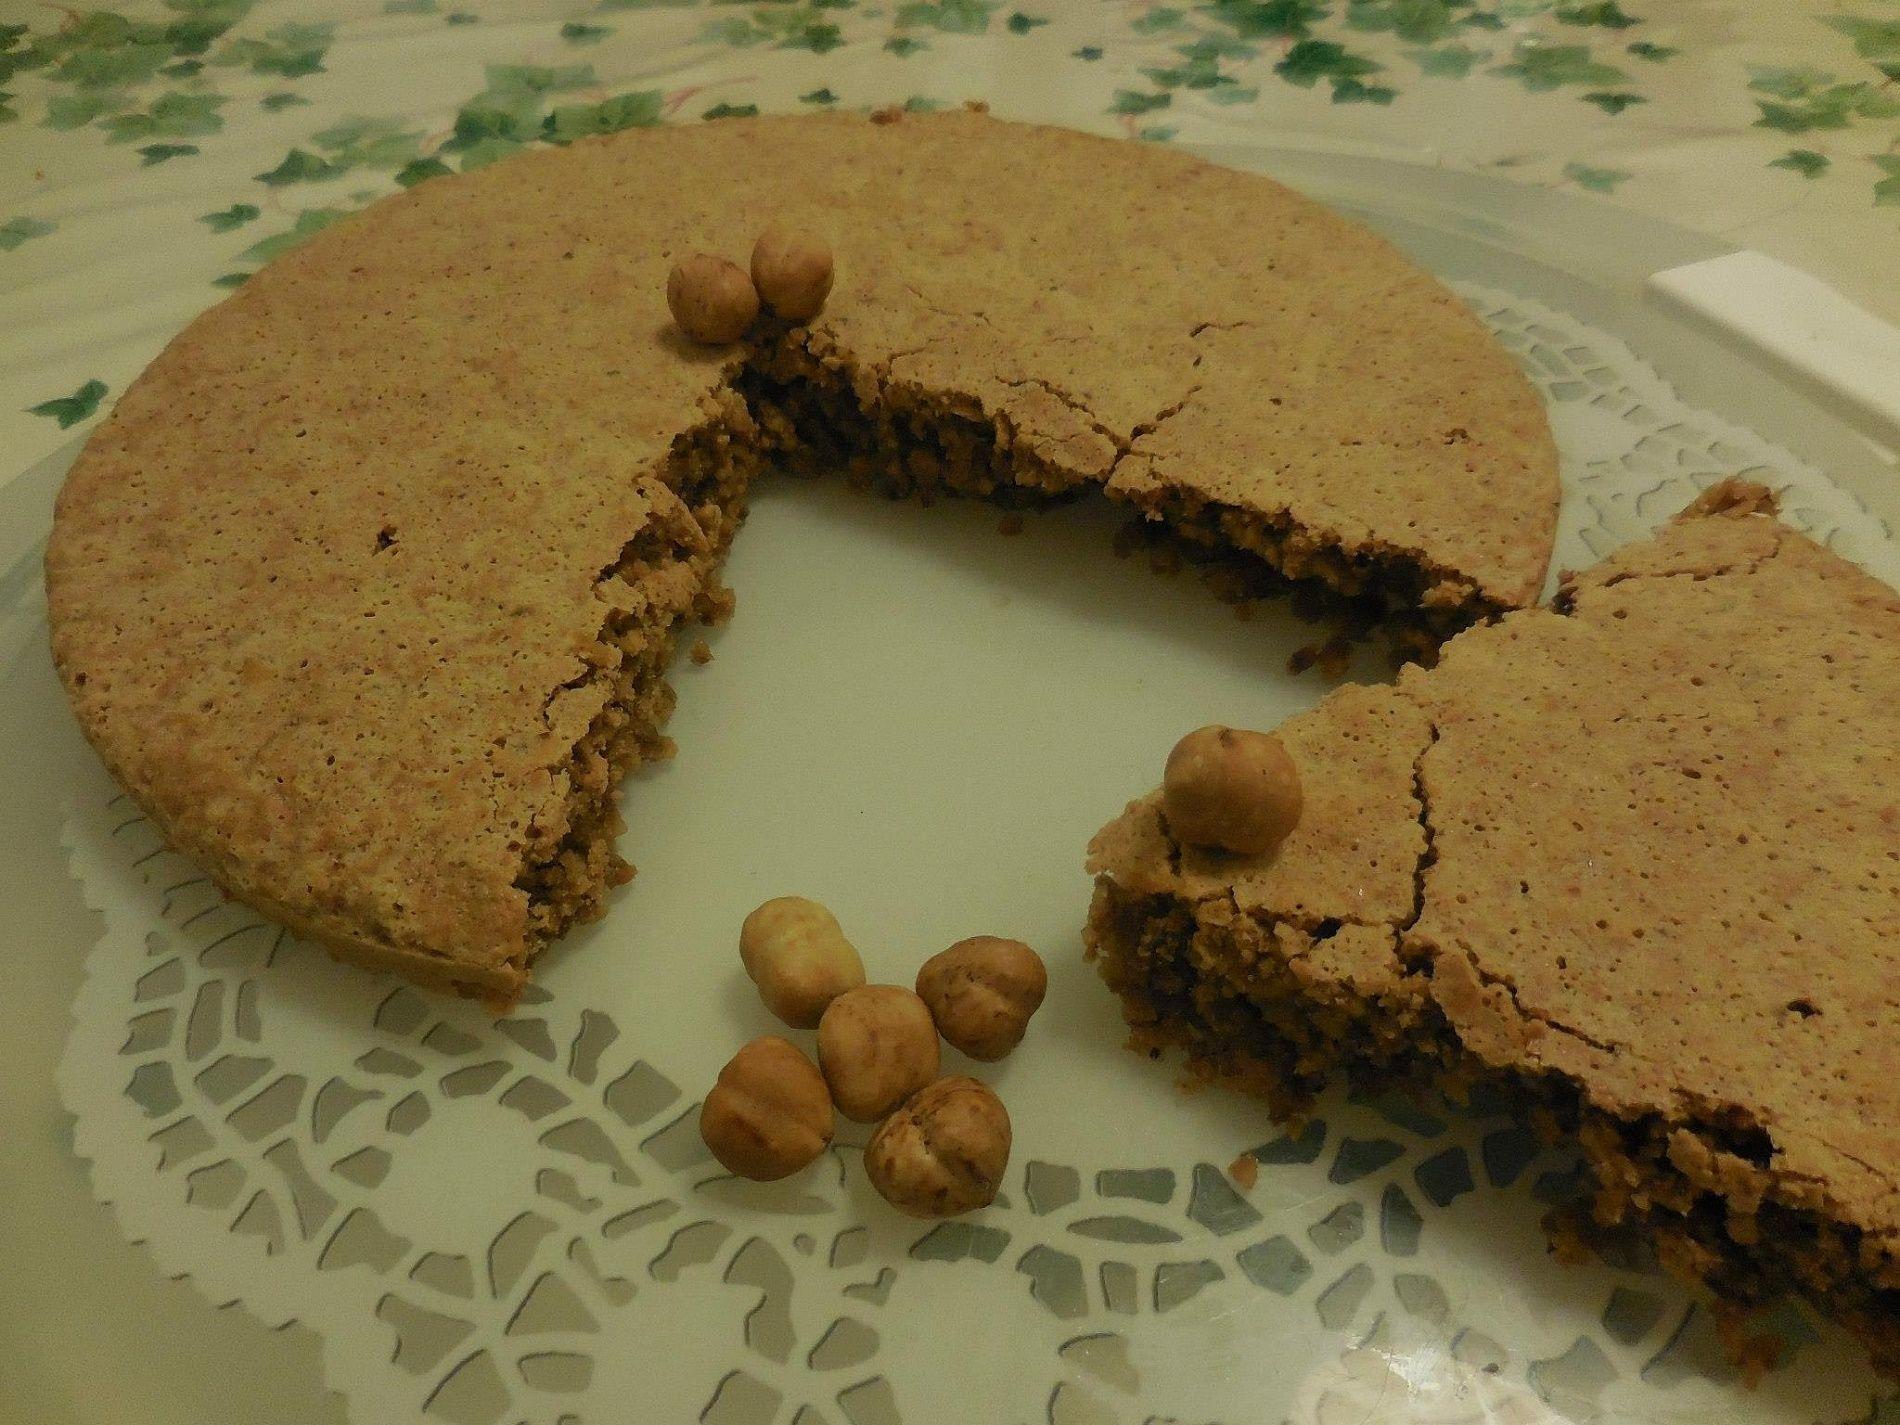 La ricetta della torta di nocciole con solo 3 ingredienti